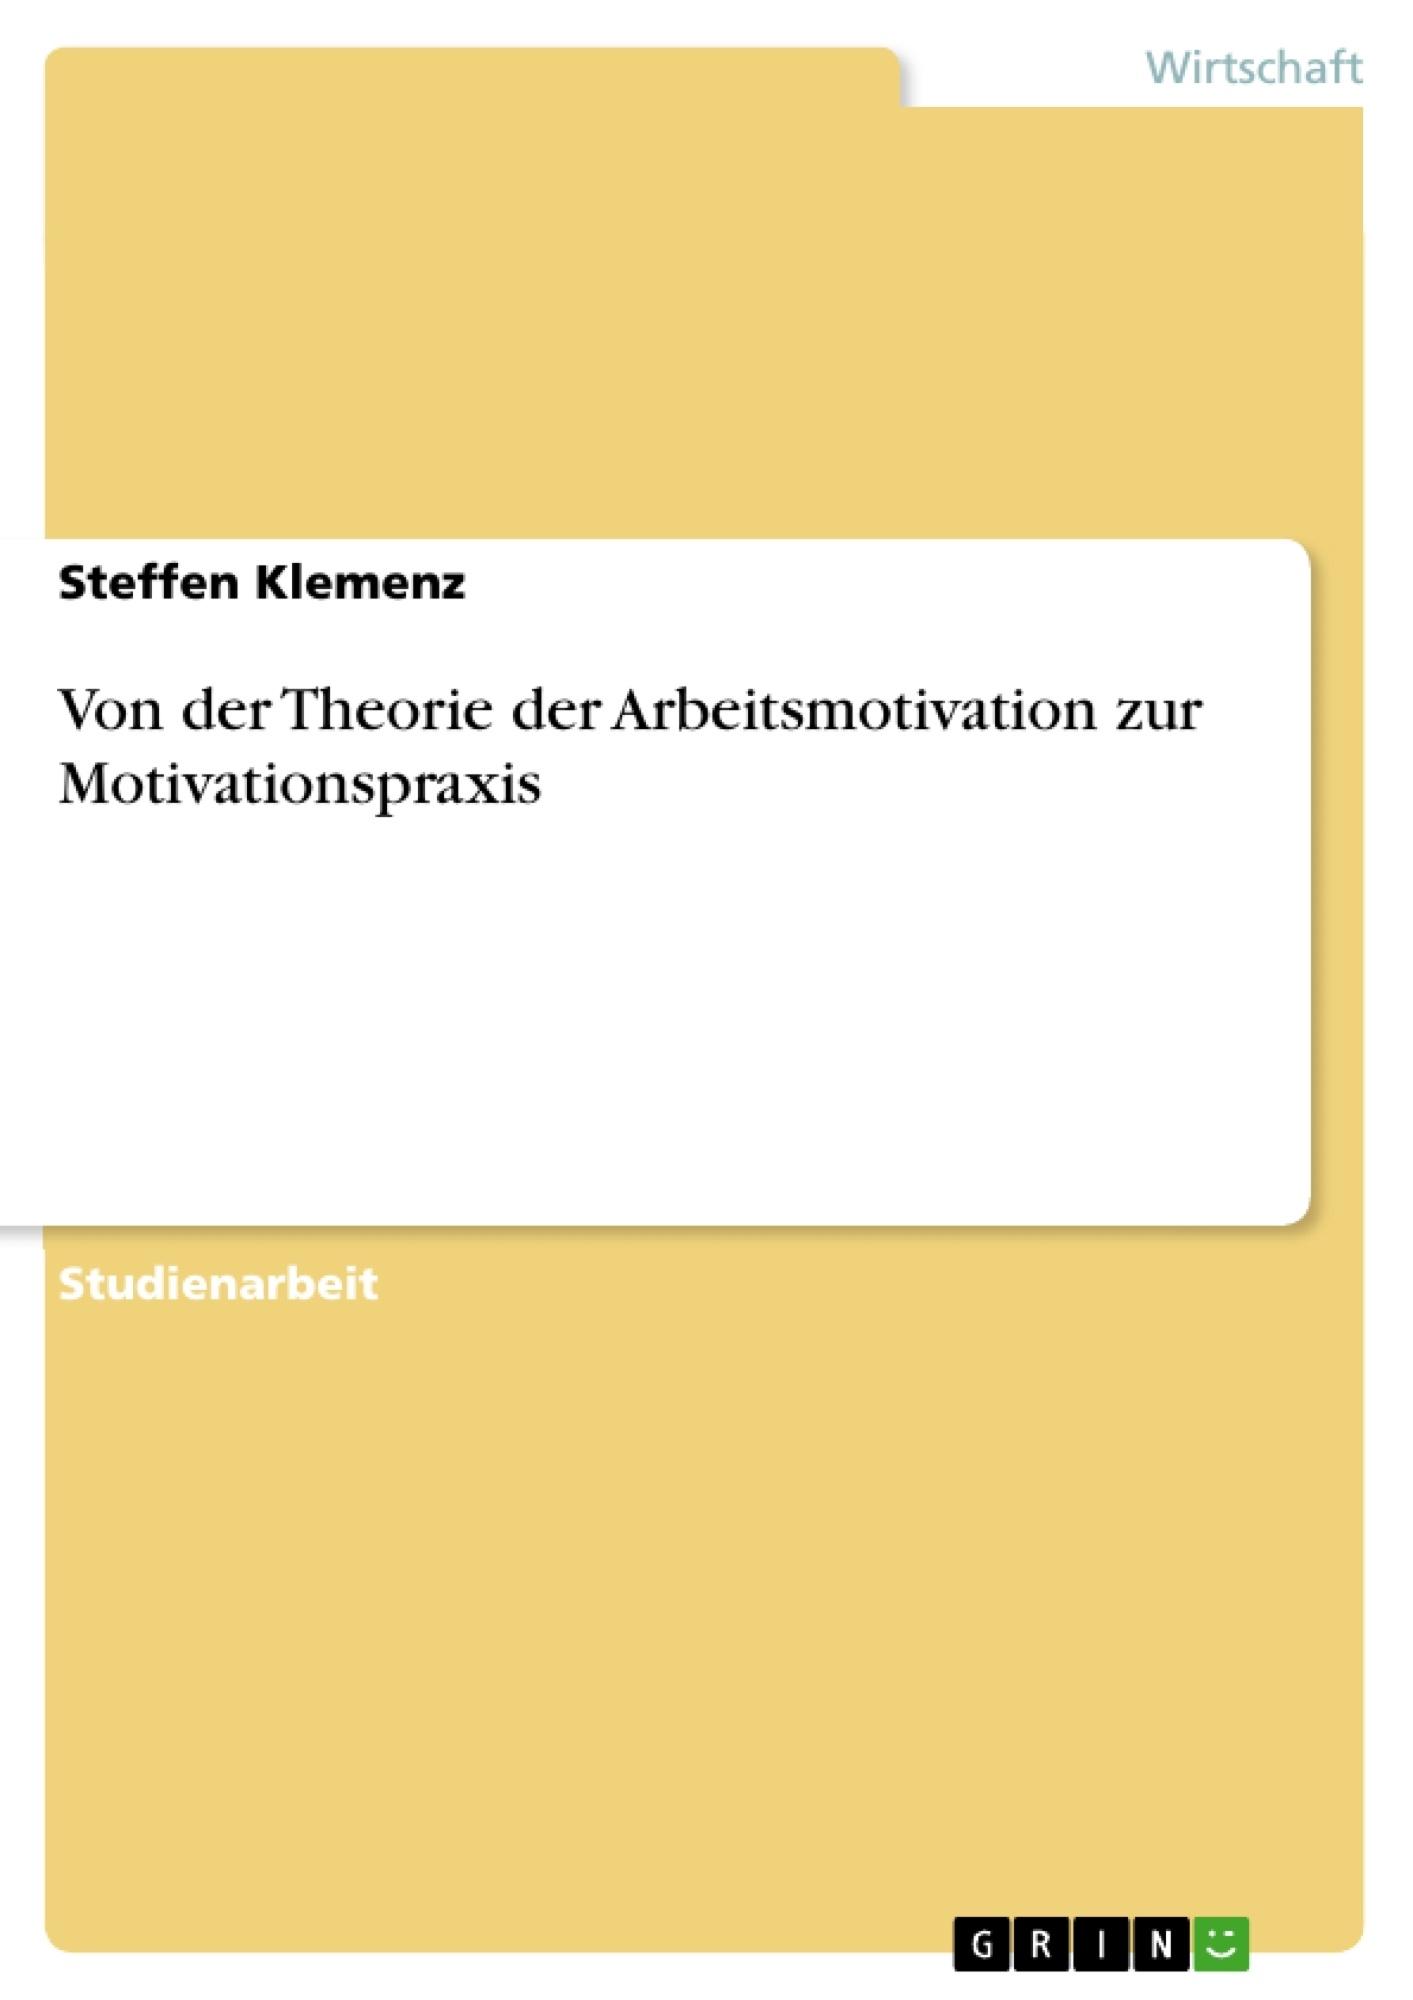 Titel: Von der Theorie der Arbeitsmotivation zur Motivationspraxis